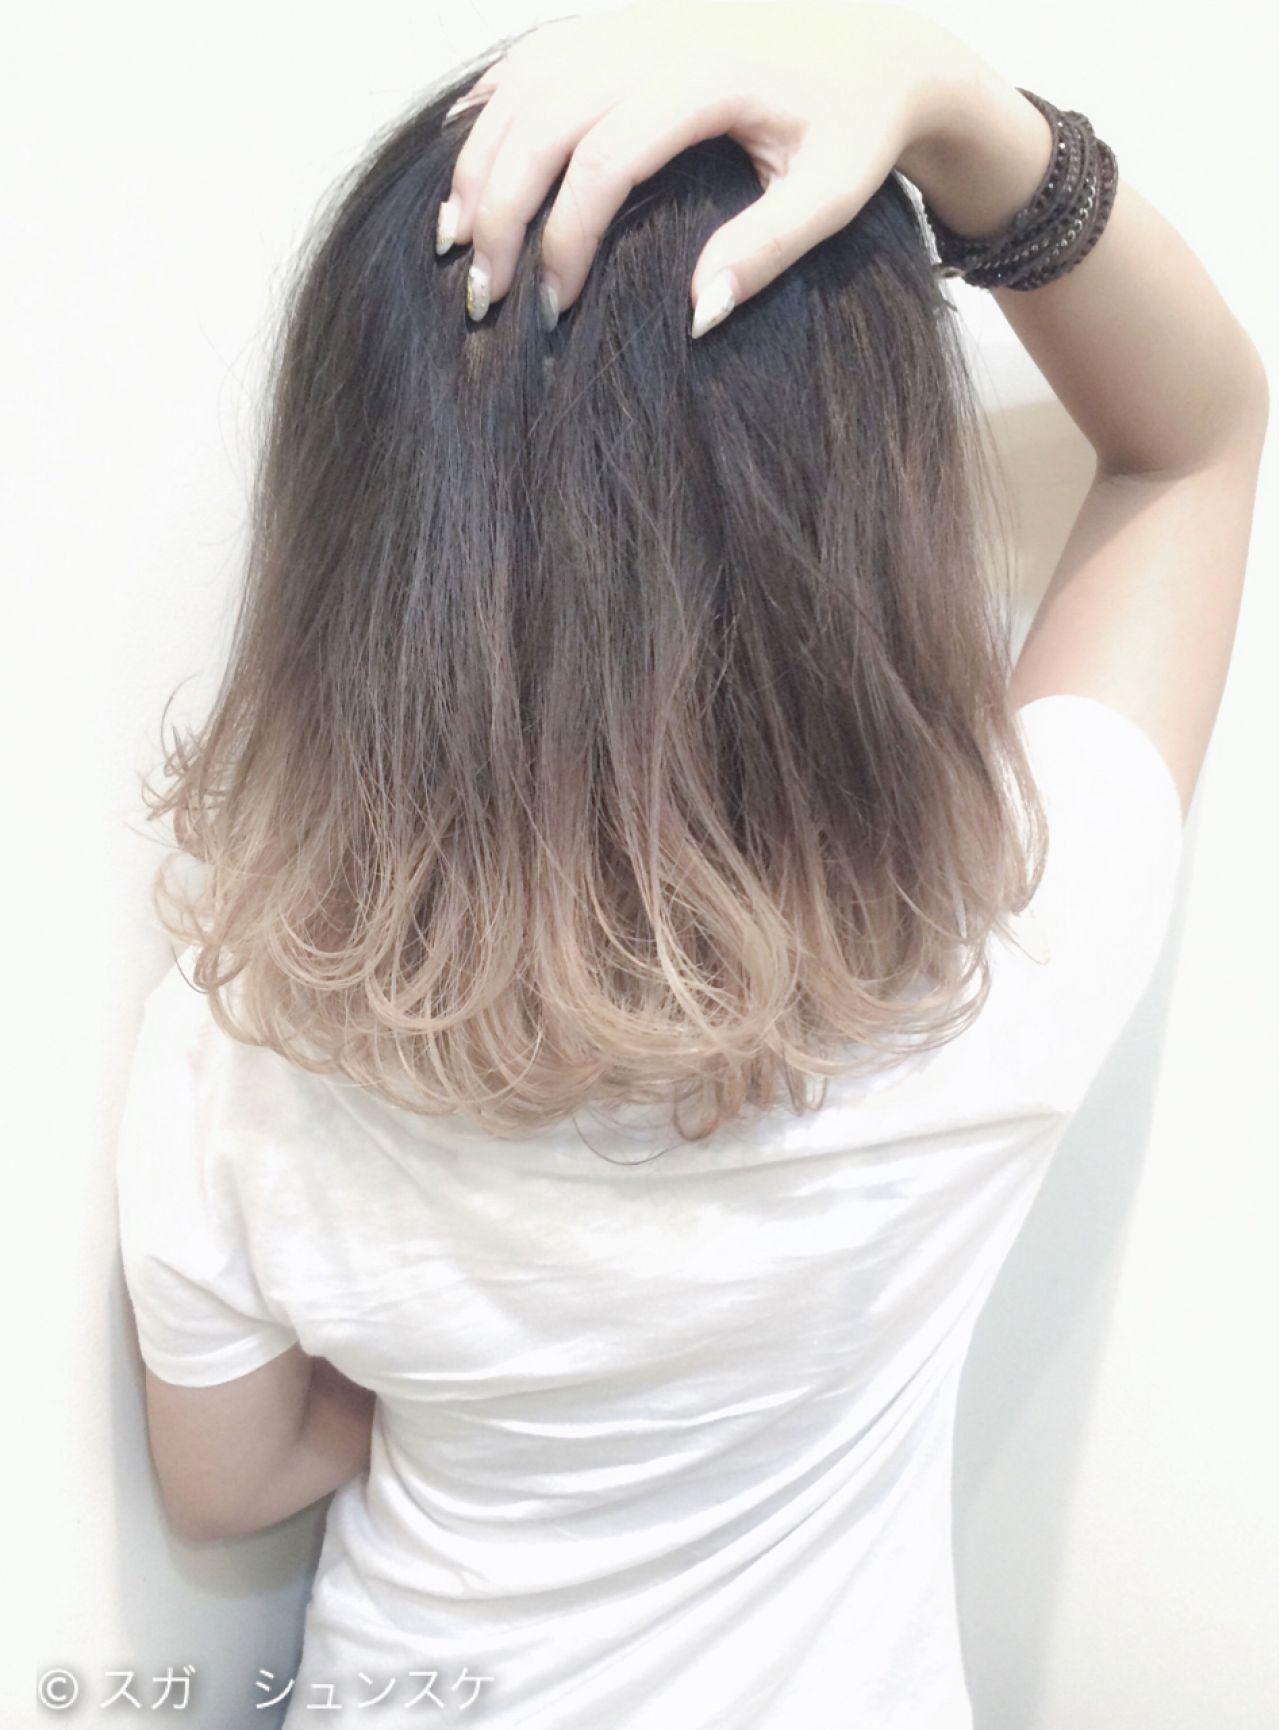 黒髪グラデーションヘアカタログ さりげなくおしゃれな旬髪 Hair